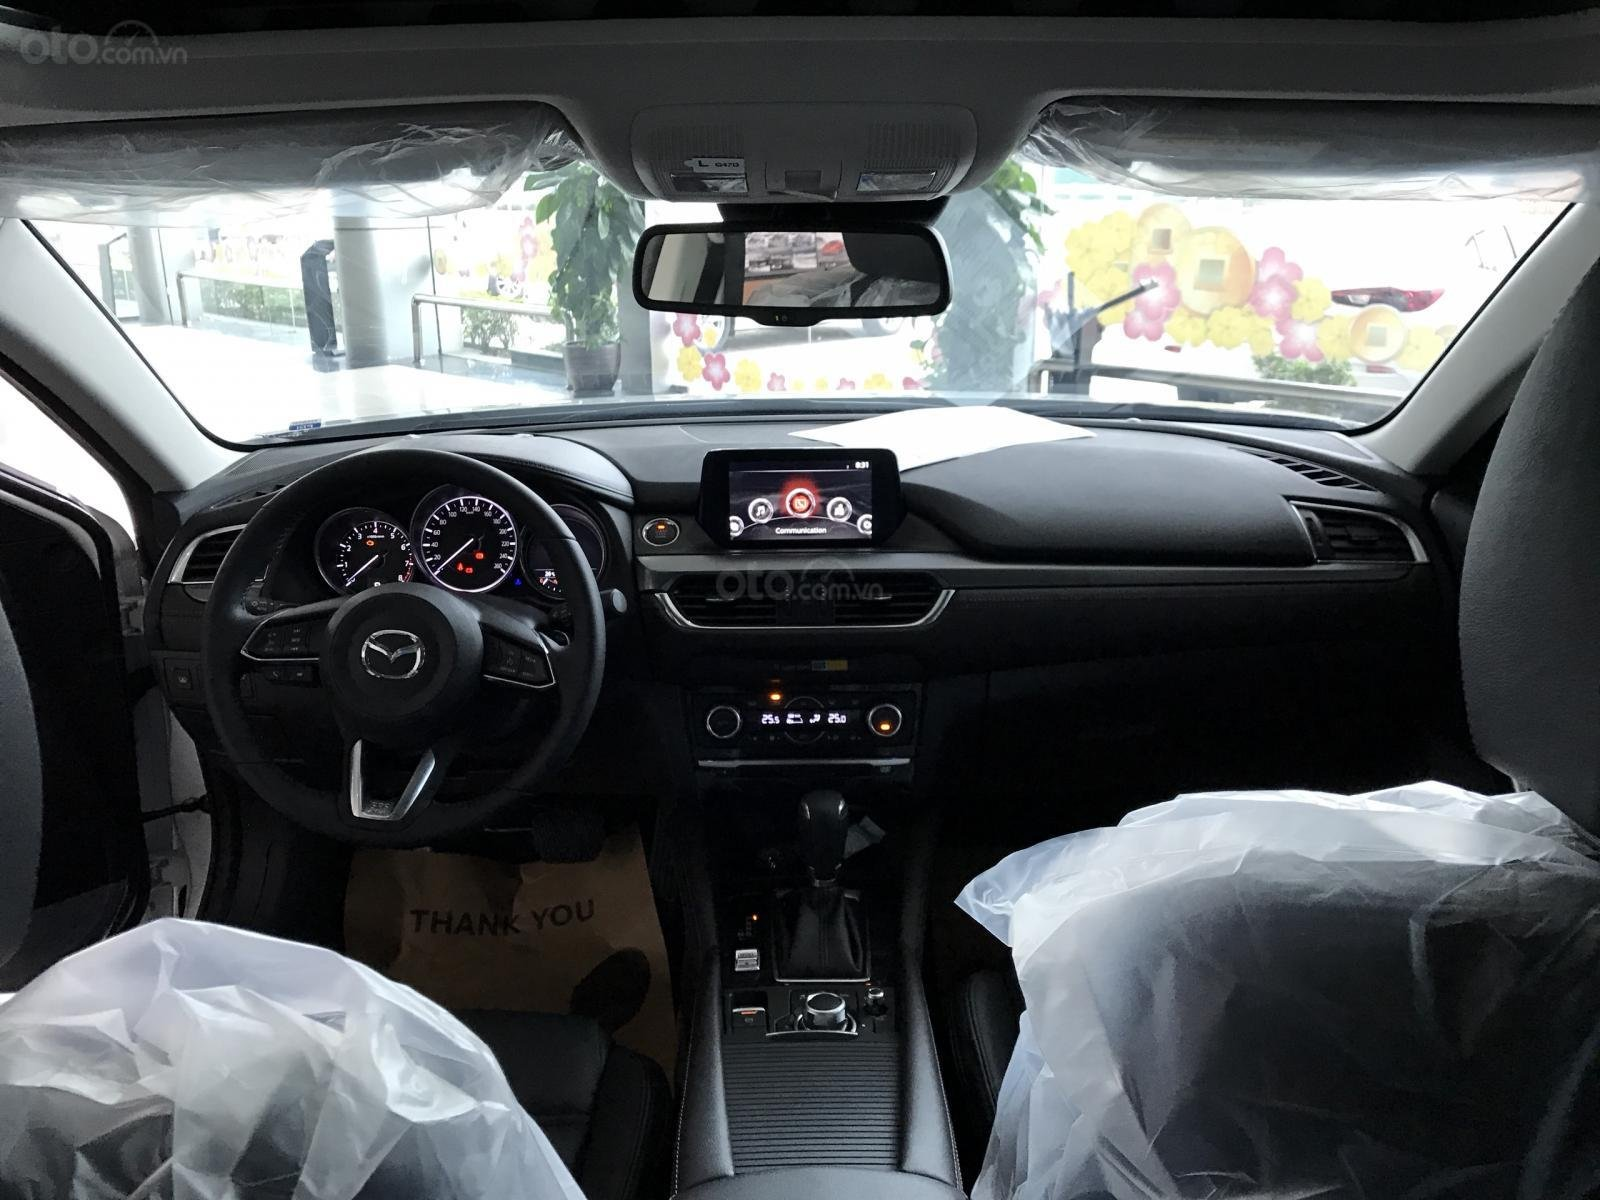 Mazda 6 2.0 2019, chỉ 200tr nhận xe, KM tới 37 triệu, LH: 098.115.3883/094.159.9922 để được hỗ trợ tốt nhất-7